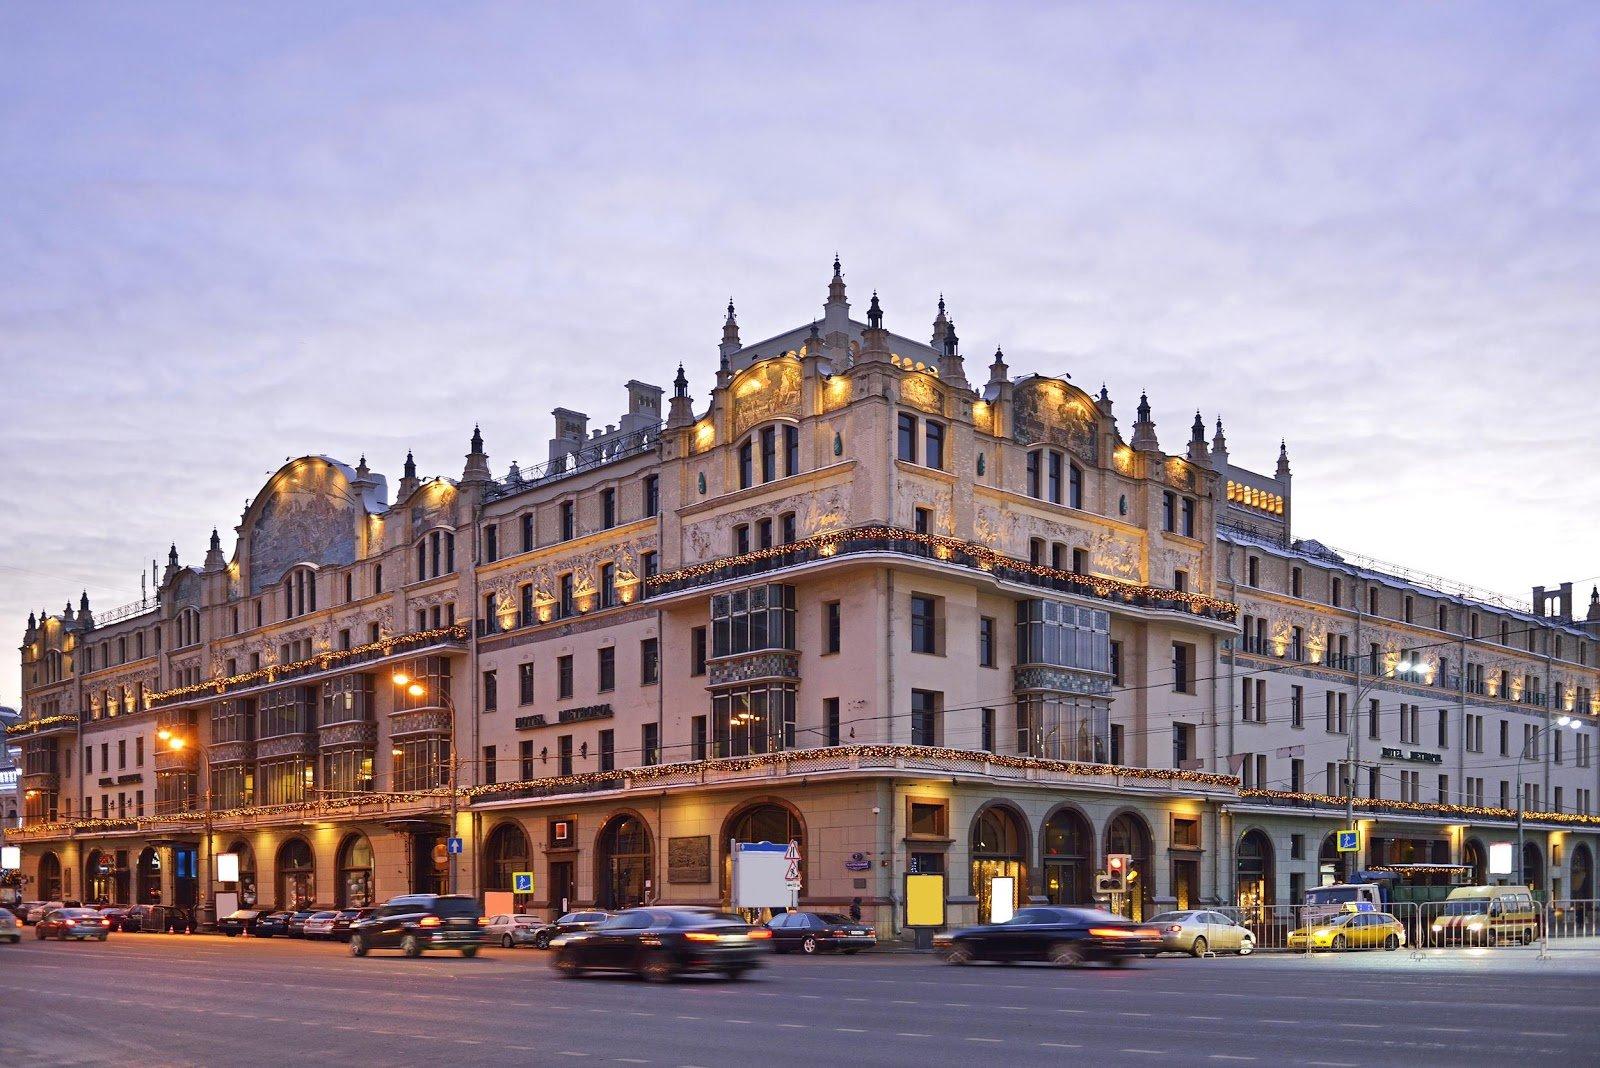 Hotel Metropole in Monaco